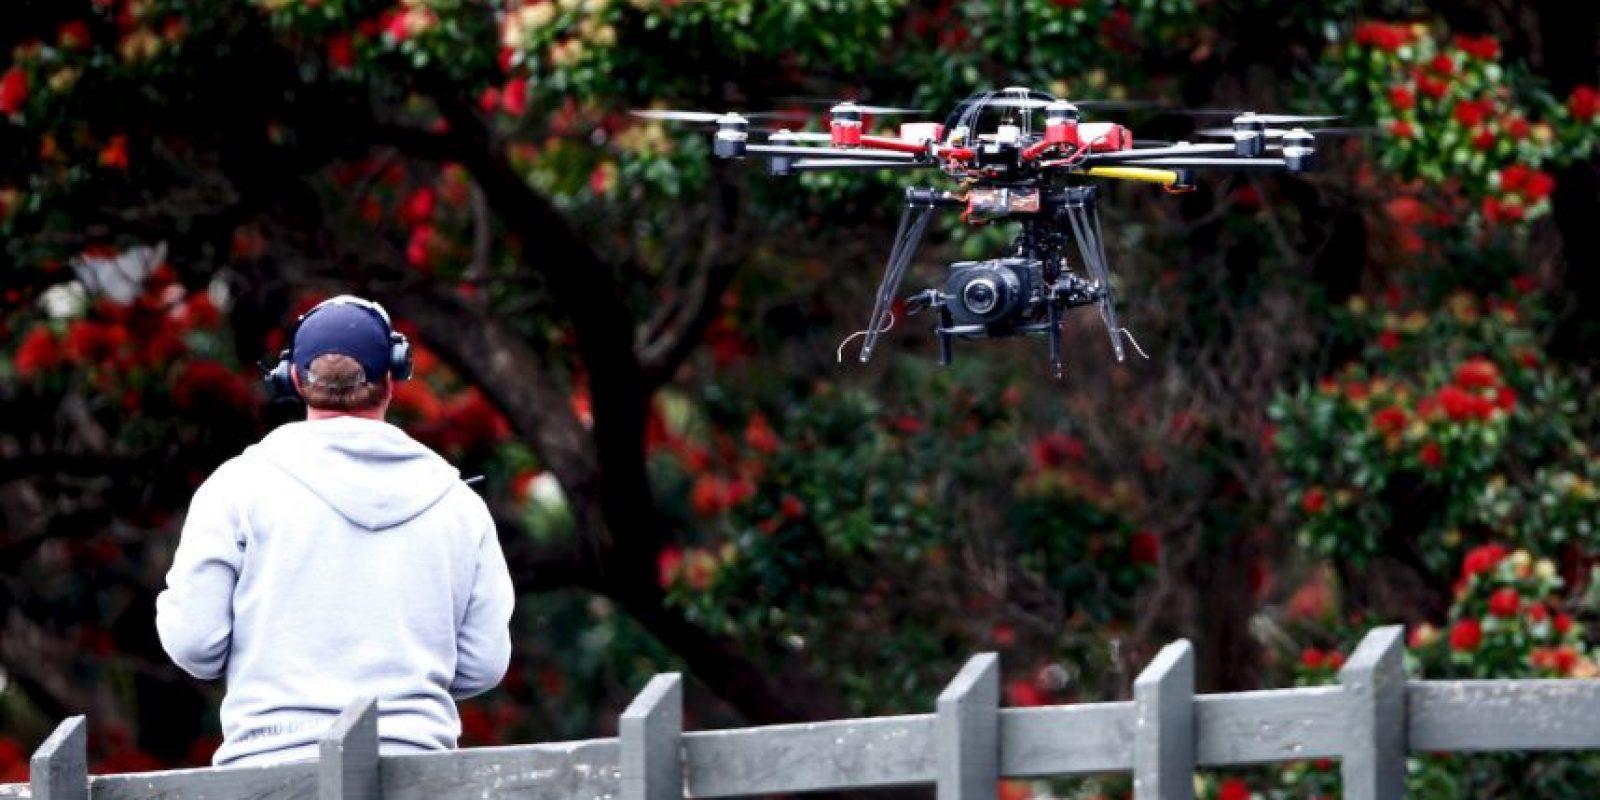 William Merideth, atacó al drone supuso que atentaba contra su familia. Foto:Getty Images